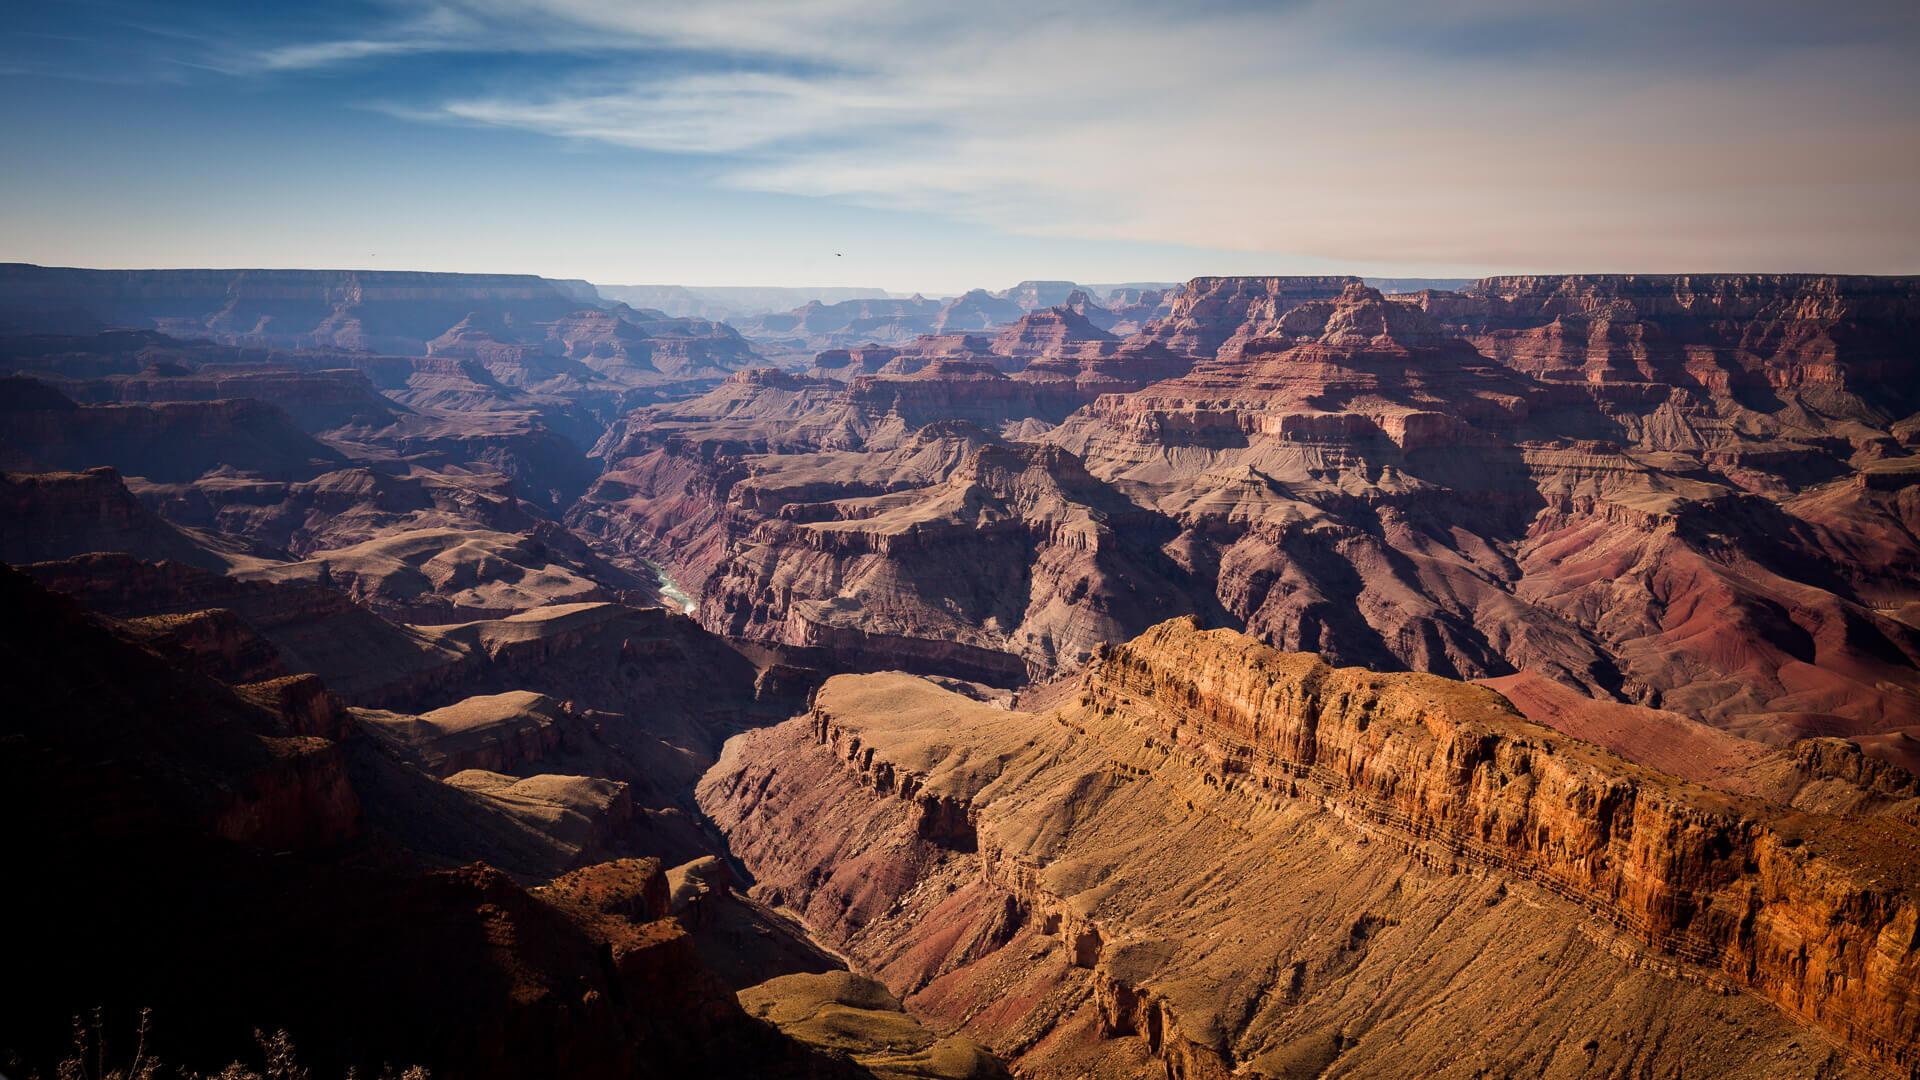 Der Grand Canyon ist ein Ort, der uns jedes Mal wieder überwältigt. Wir könnten Wochen hier verbringen!